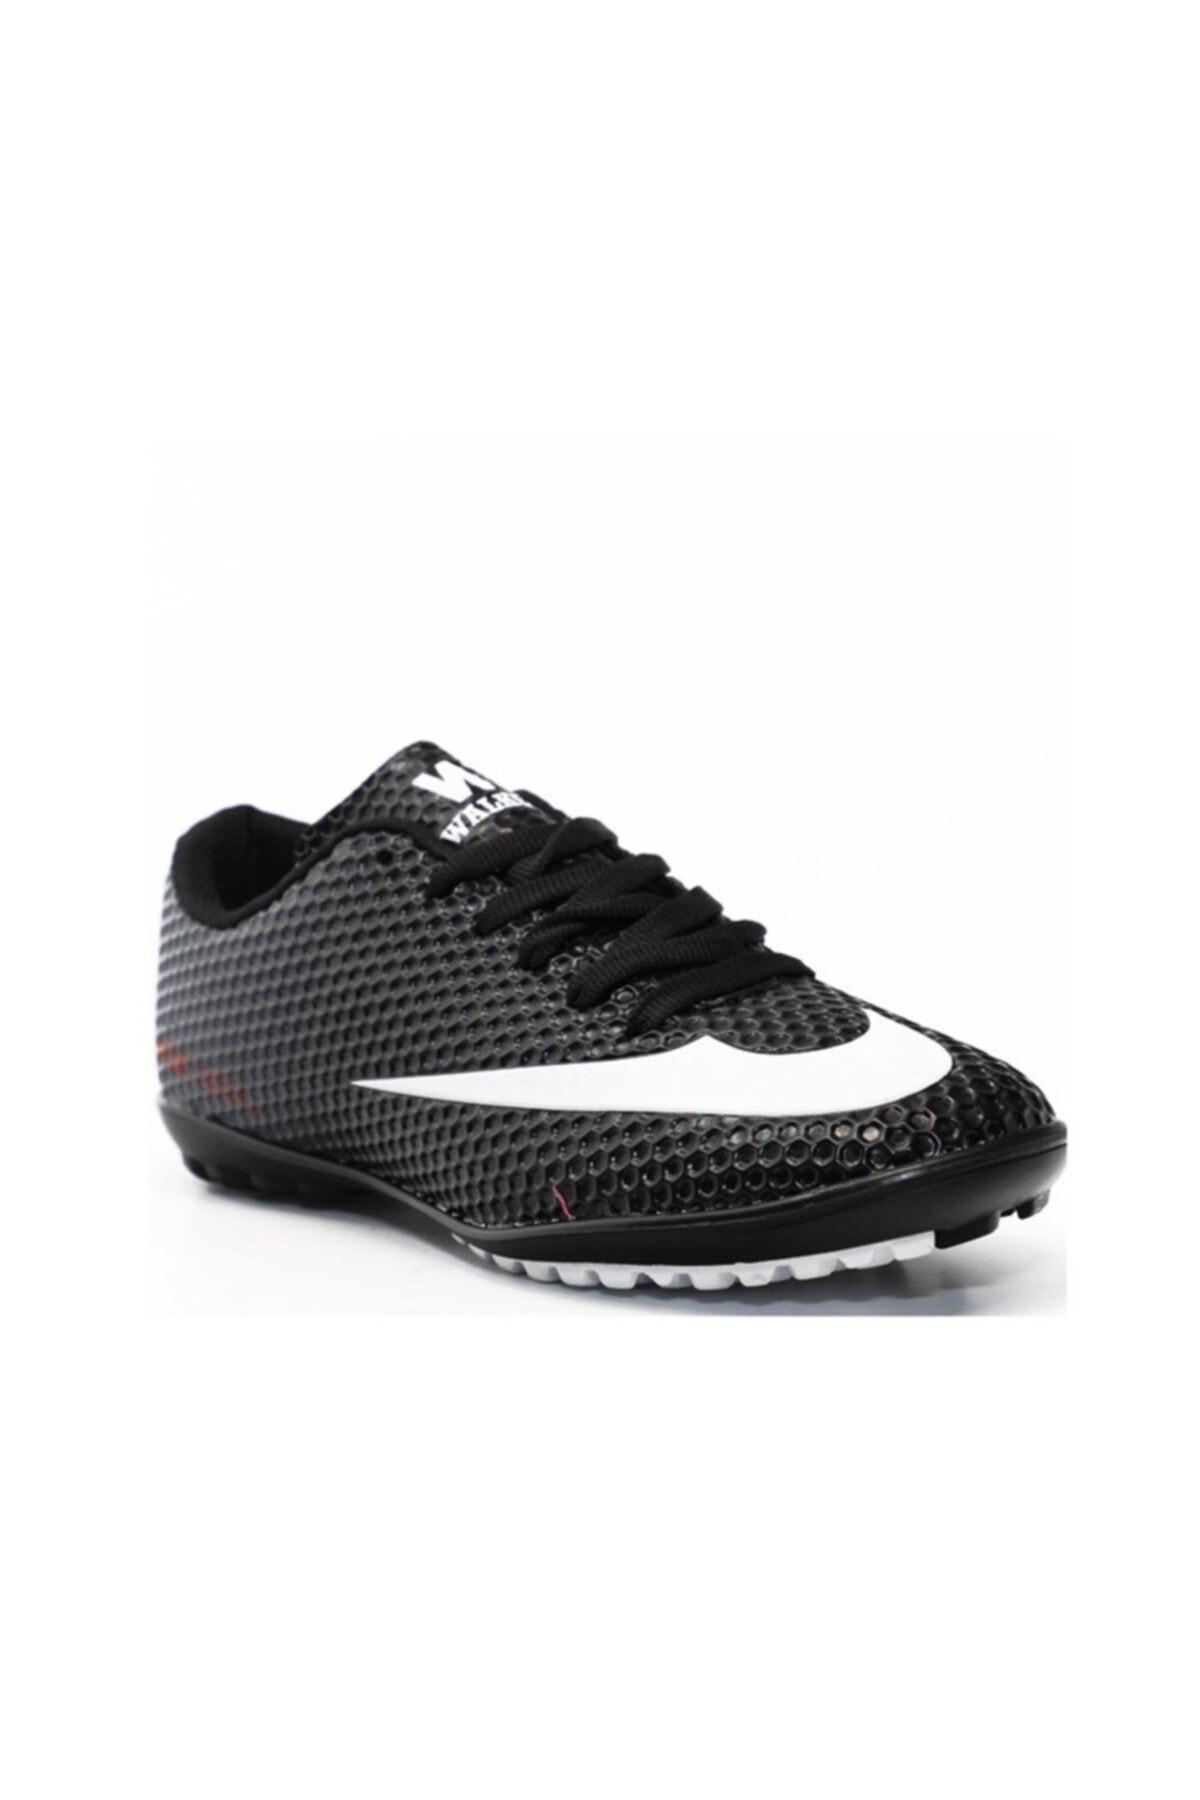 401 Erkek Halı Saha Ayakkabısı Siyah Beyaz